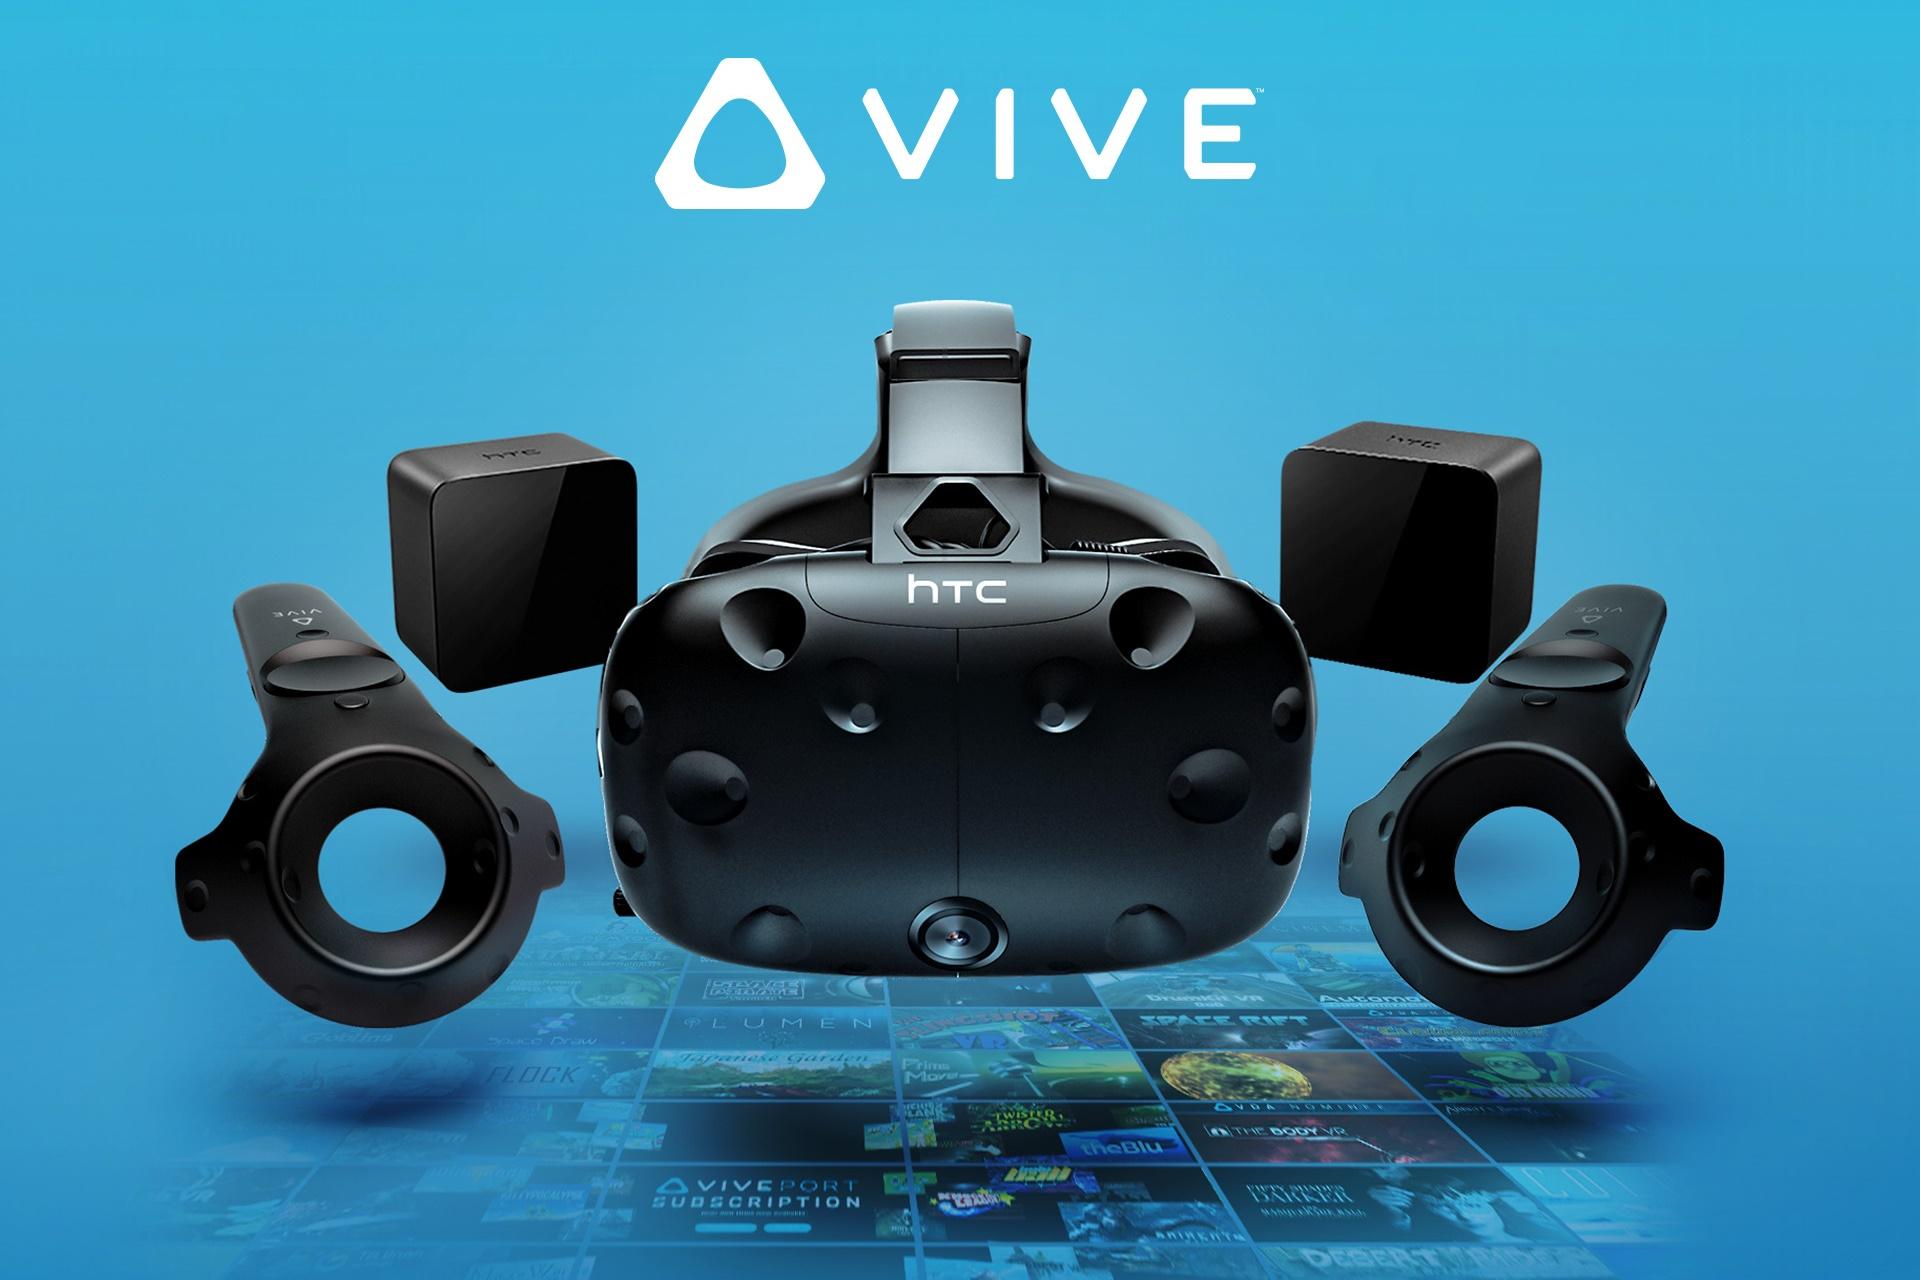 5e870e72f39 HTC corta preço do Vive em 25% — e ele continua caro - TecMundo